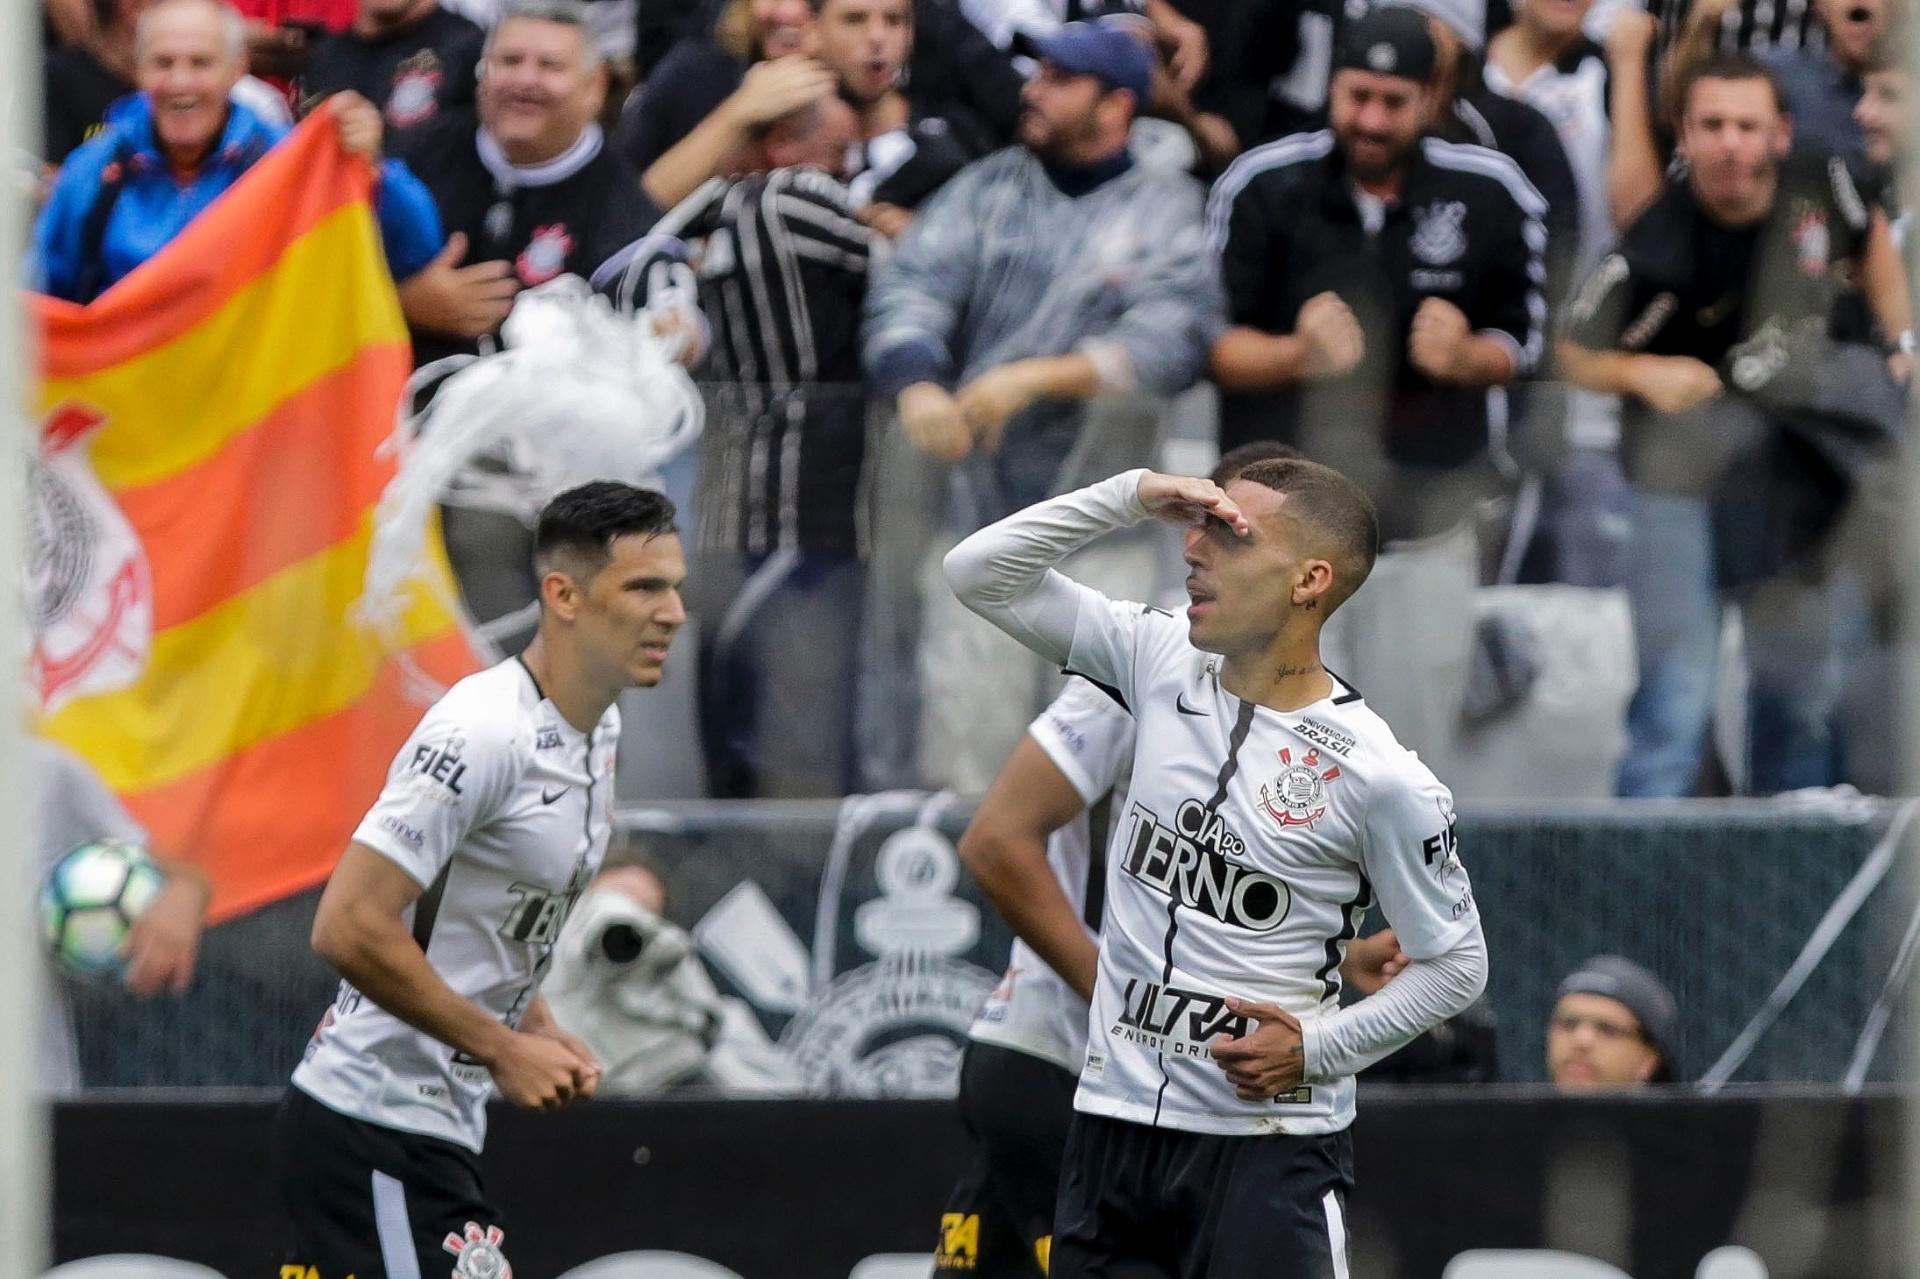 Corinthians bate Palmeiras em jogo eletrizante e retoma vantagem na ponta -  05 11 2017 - UOL Esporte 57070d12cd933